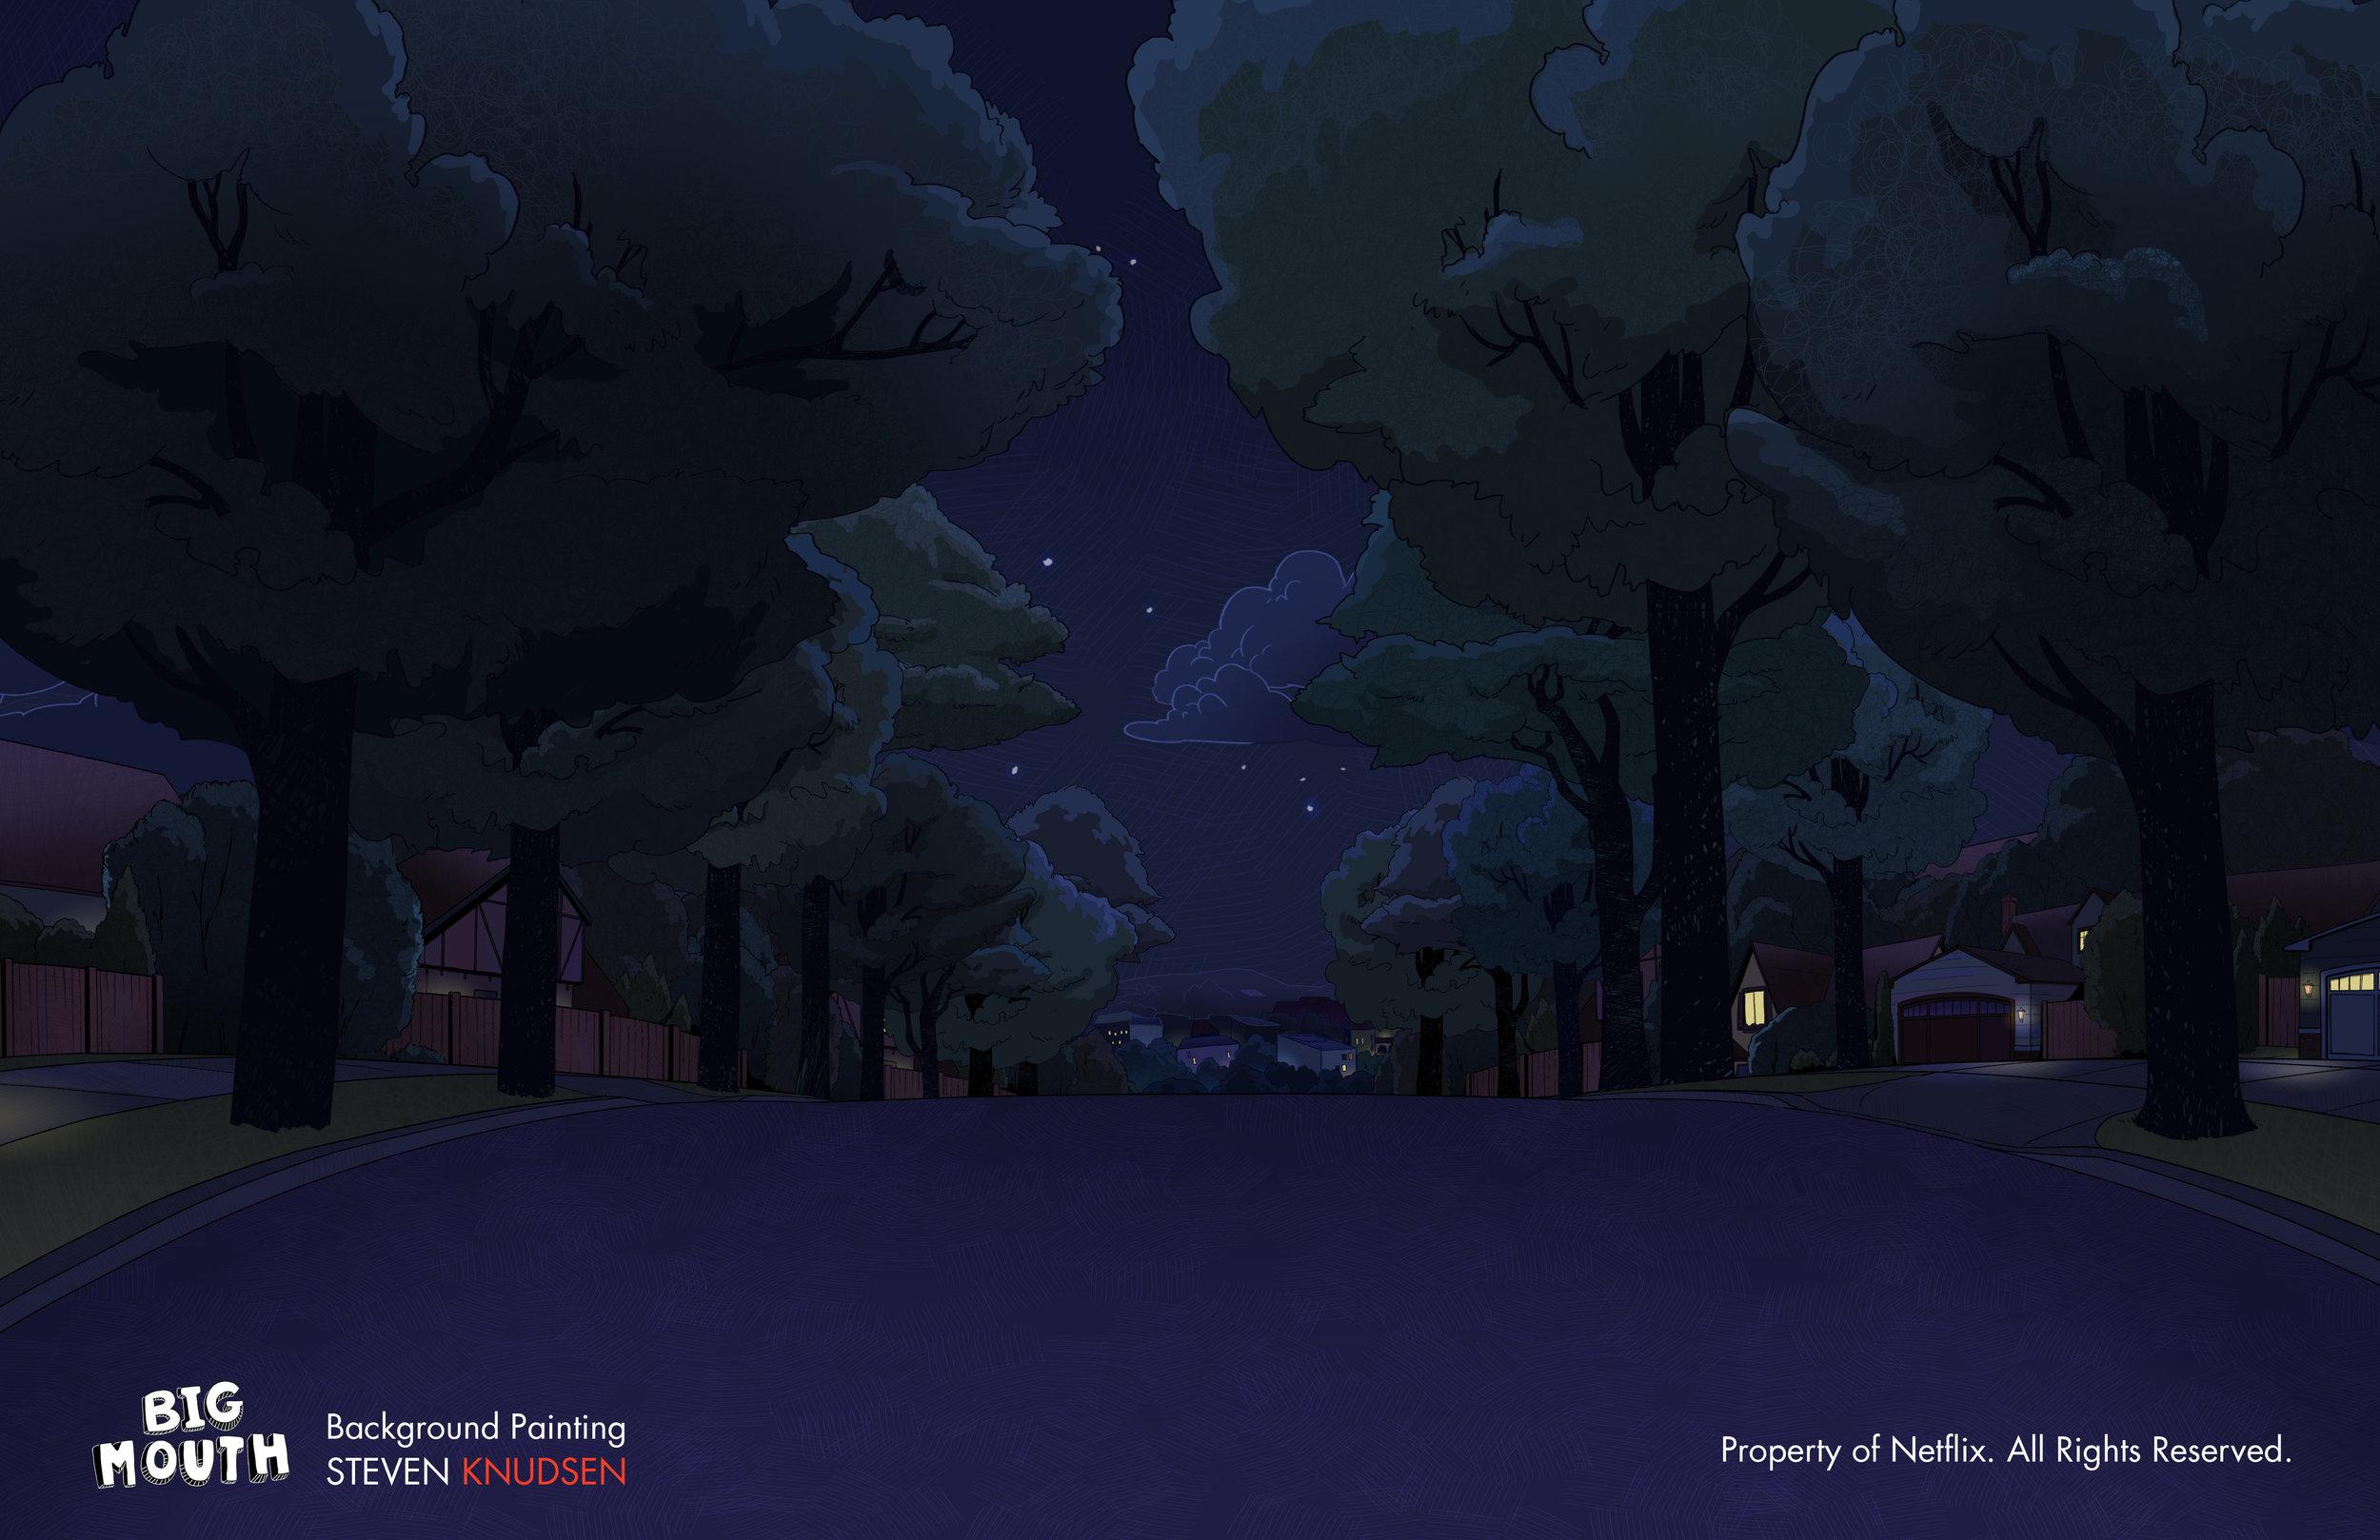 BM104_BG_S007_EXT_JAYS_STREET_NIGHT_SK_v01.jpg